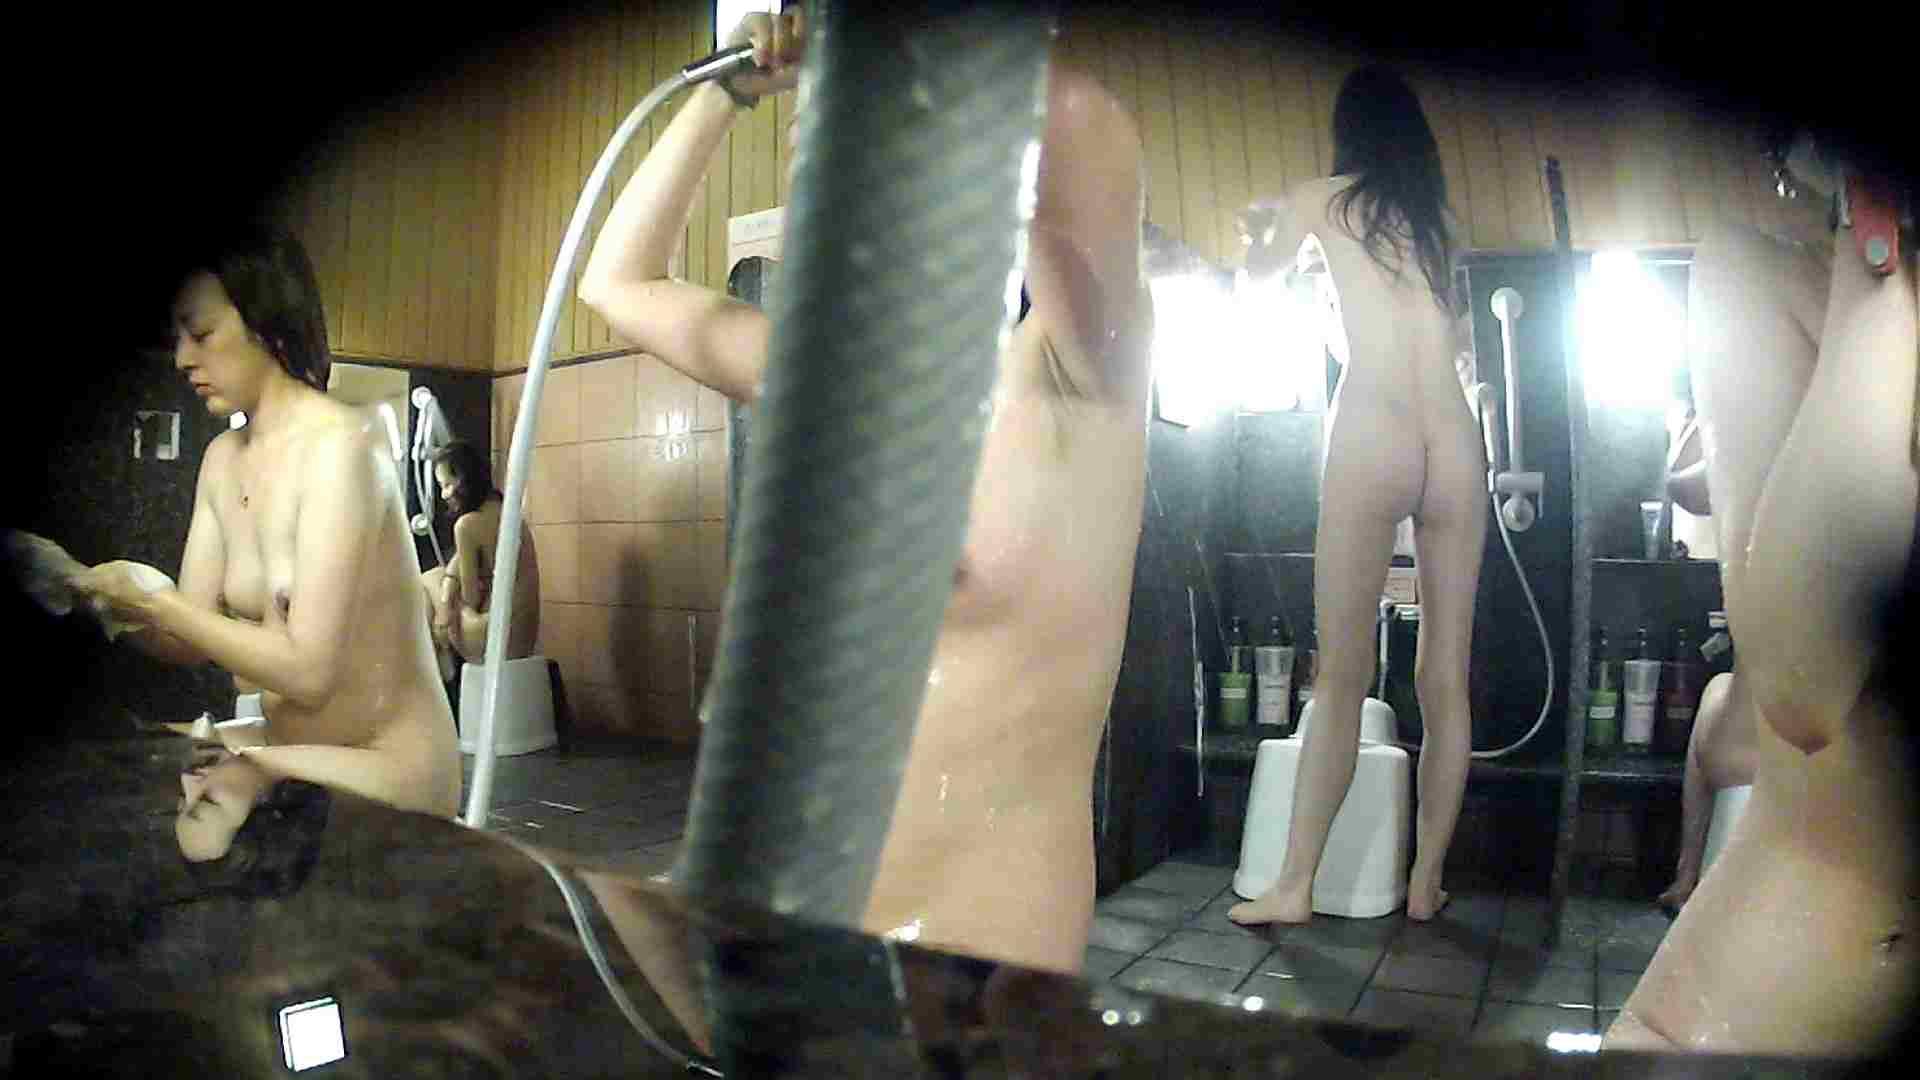 洗い場!ホースが邪魔ですが4体の身体を楽しめるお得な作品 女湯 ワレメ無修正動画無料 79画像 58